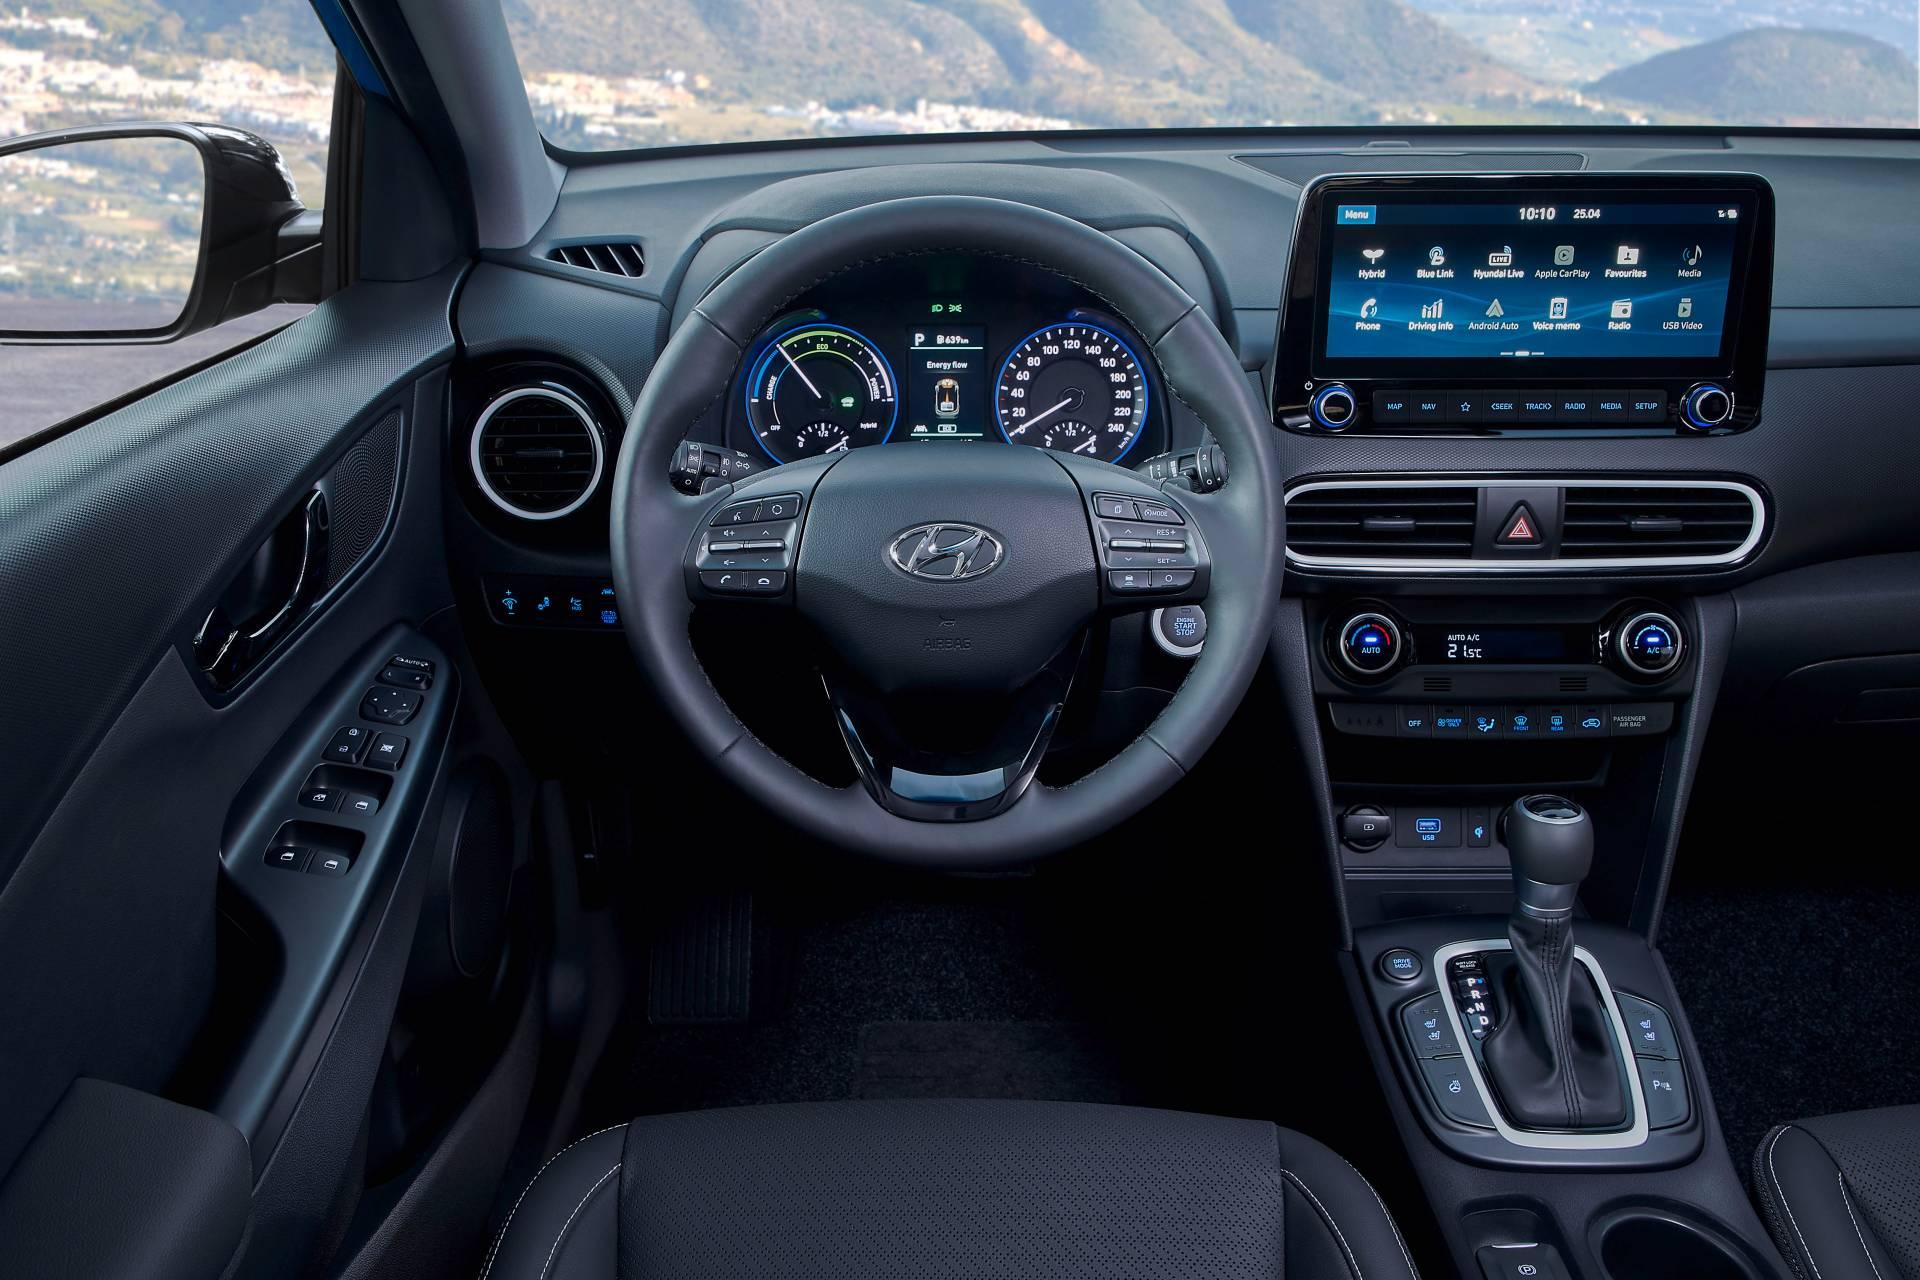 Hyundai lộ diện Kona phiên bản Hybrid tại thị trường Châu Âu - 16